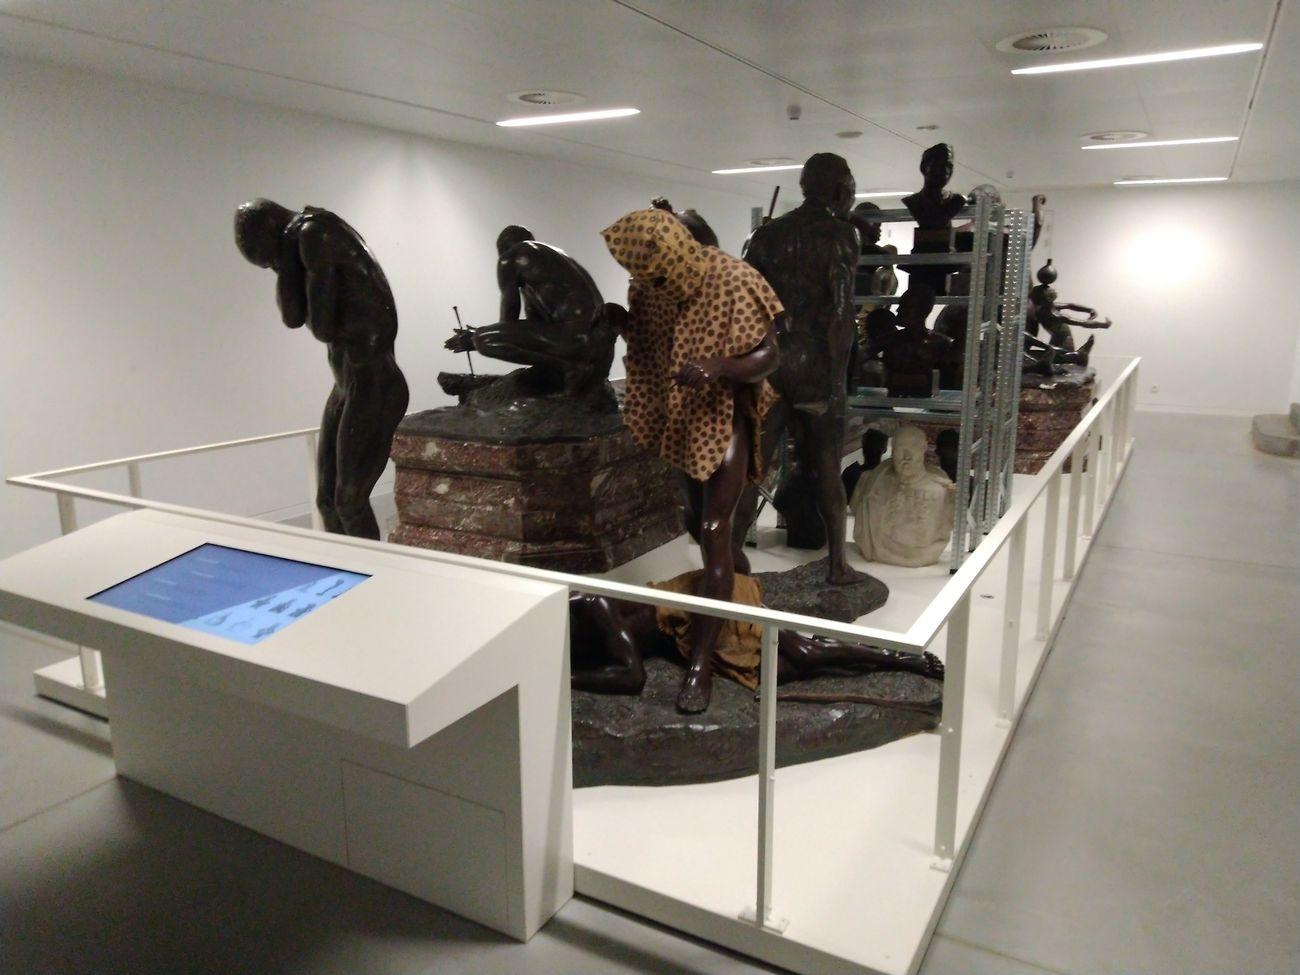 Il Deposito delle Sculture e l'Uomo Leopardo. Photo Fausto Fiorin